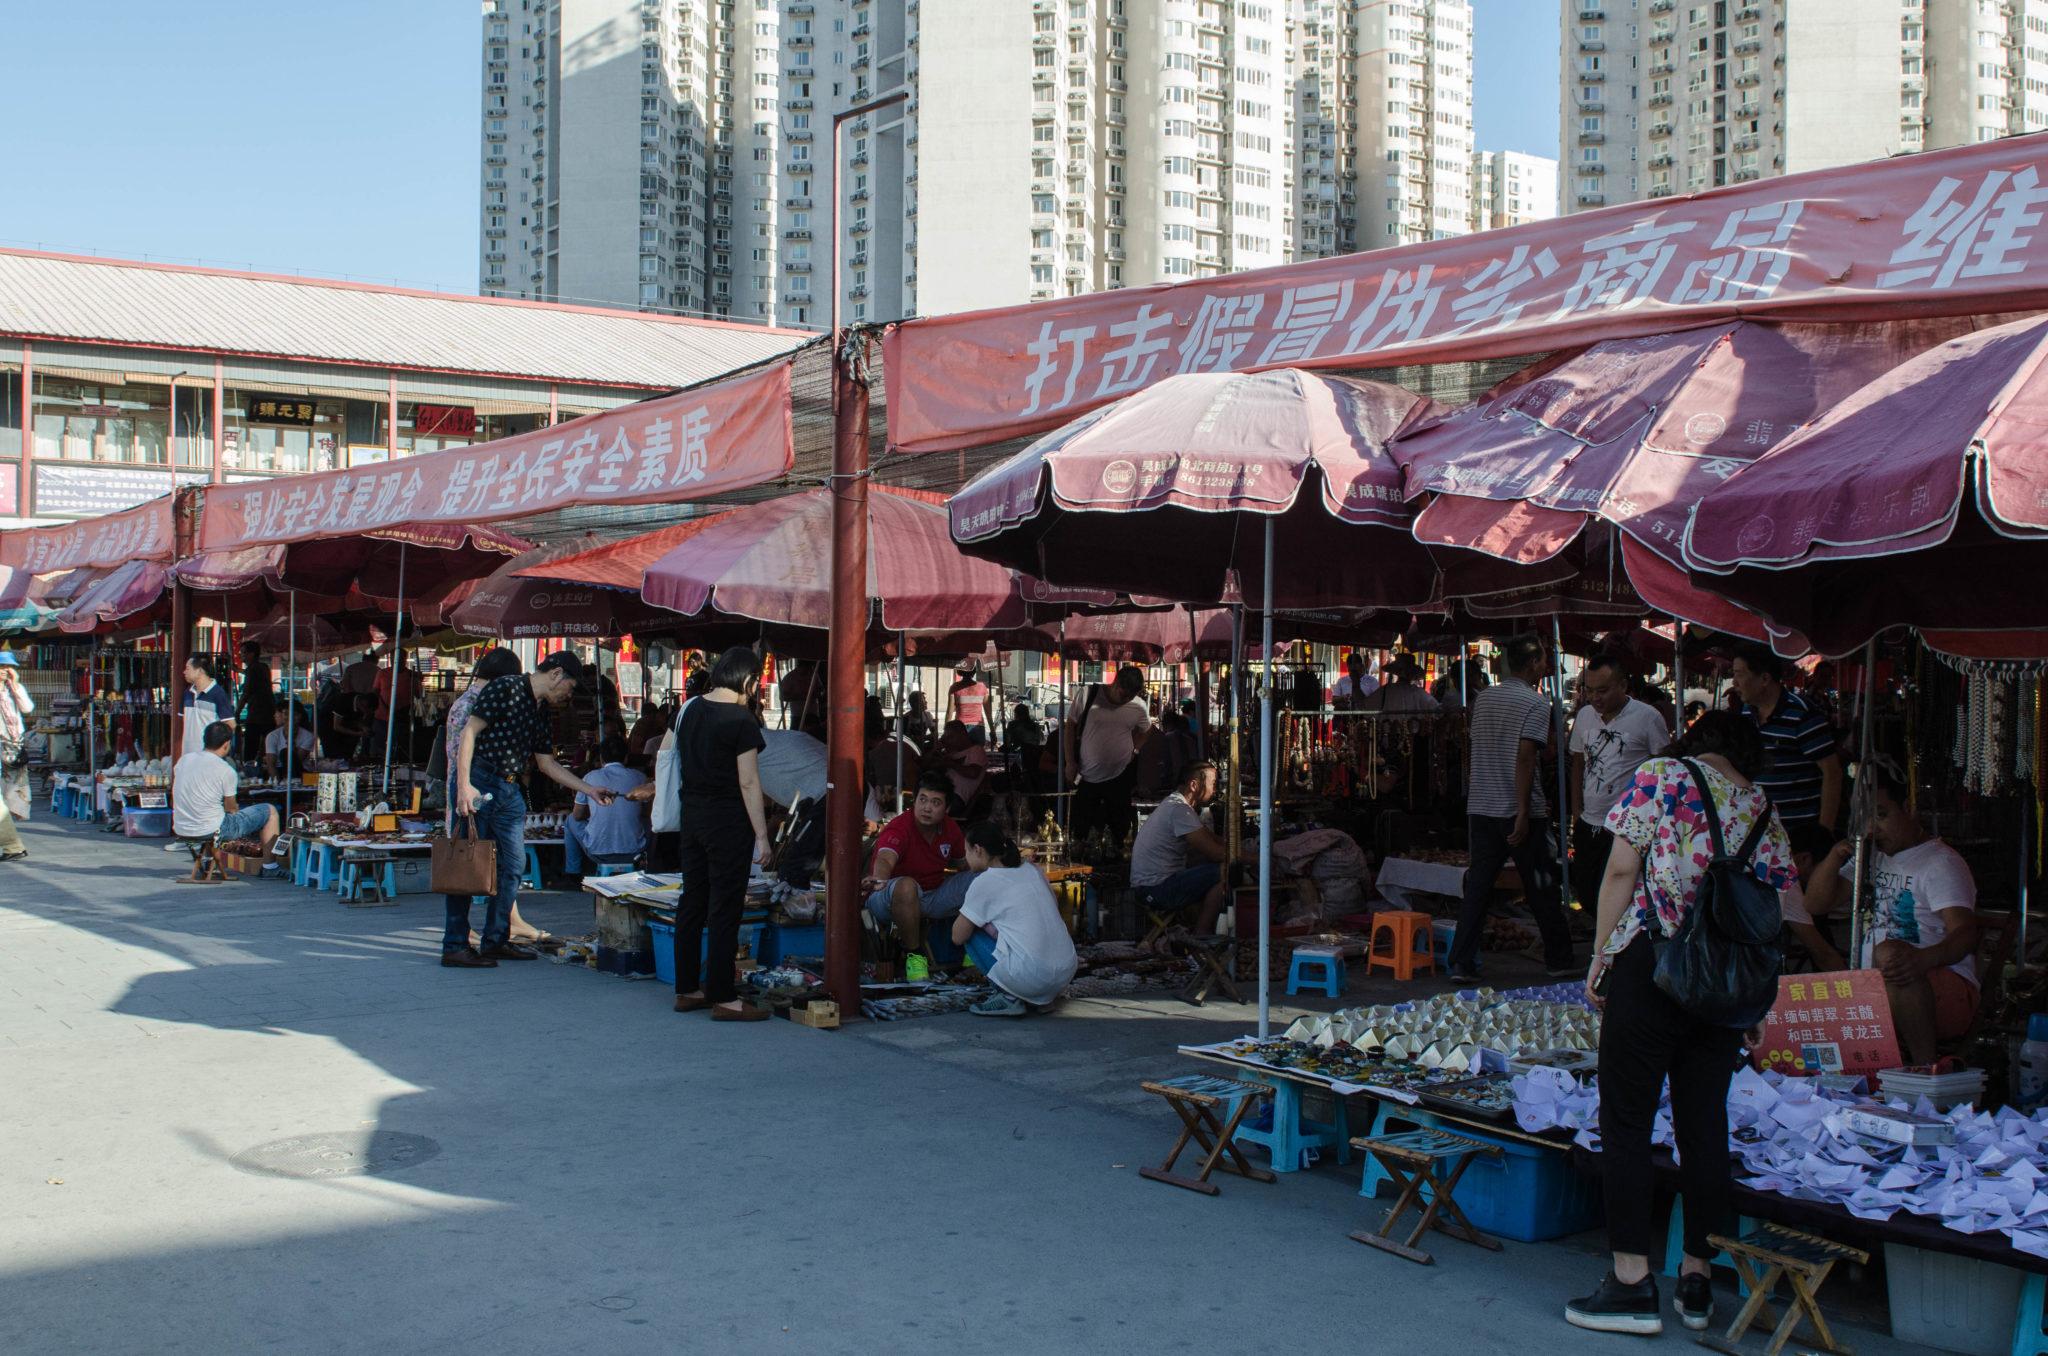 Der Panjiayuan Markt in Peking beherbergt antike Schätze und die etwas anderen Souvenire